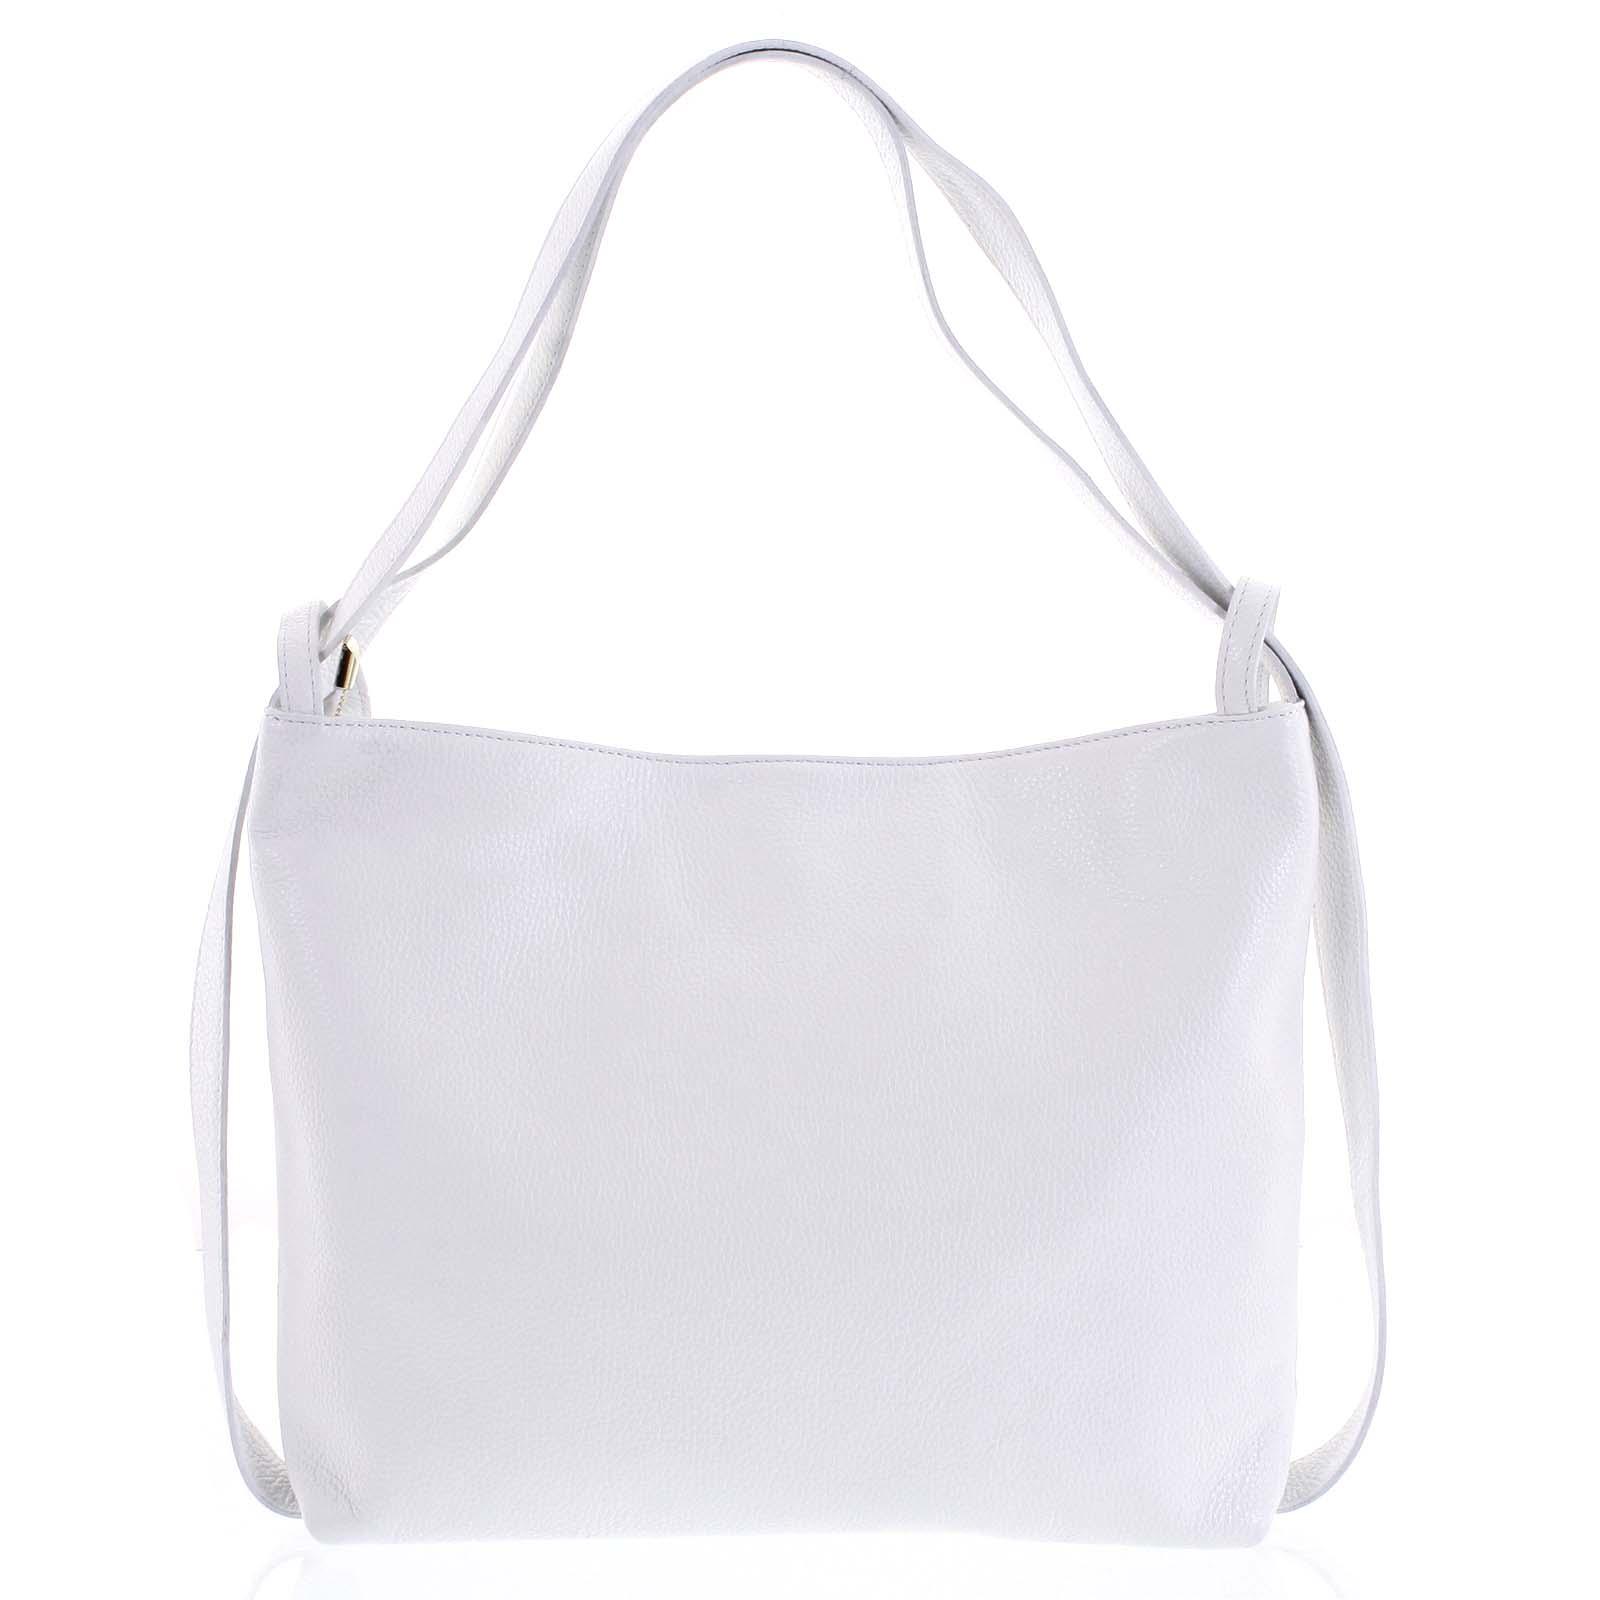 Módní bílá kožená kabelka batoh přes rameno - ItalY Nympha